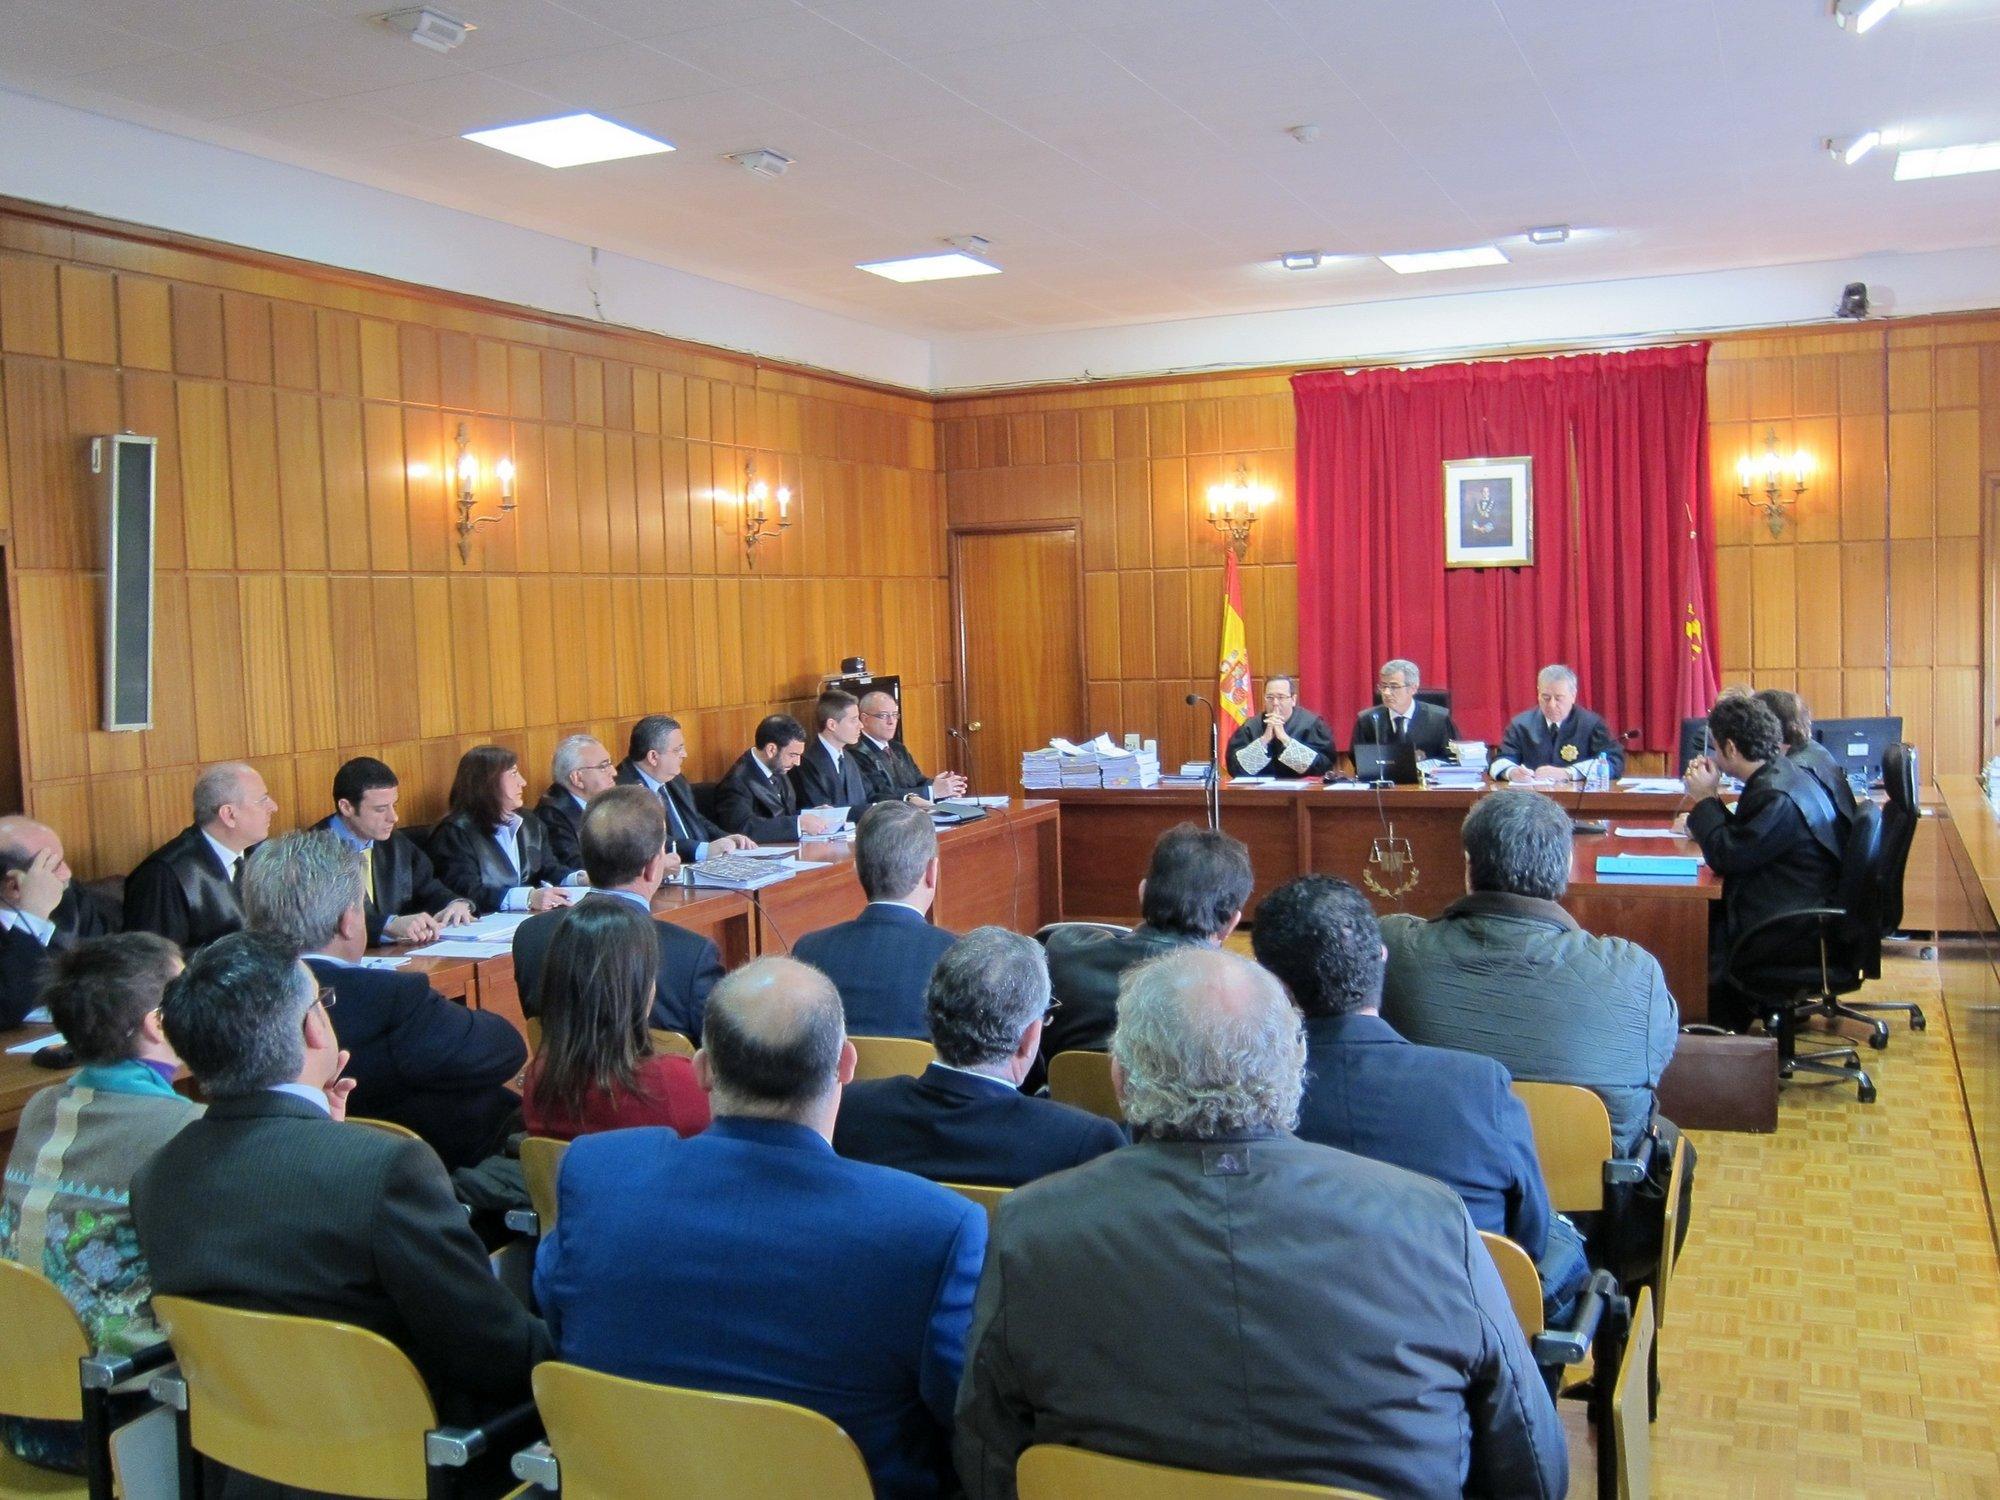 (AV) Fiscal llega a un acuerdo con los 11 imputados por corrupción urbanística en Totana y no habrá juicio